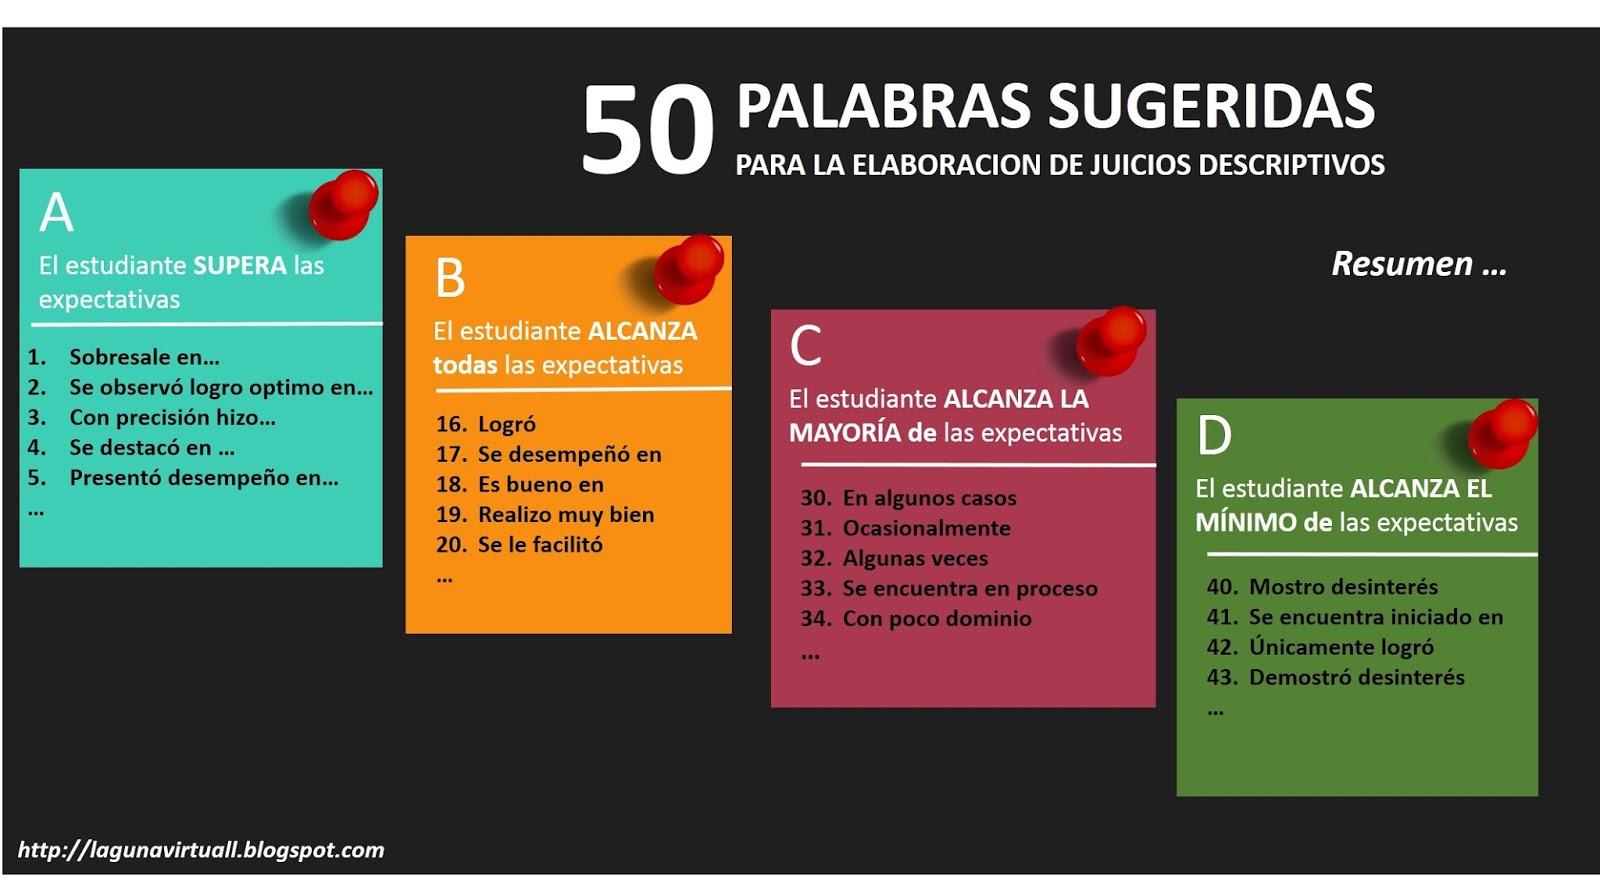 50 Palabras sugeridas para la elaboración de Juicios Descriptivos ...